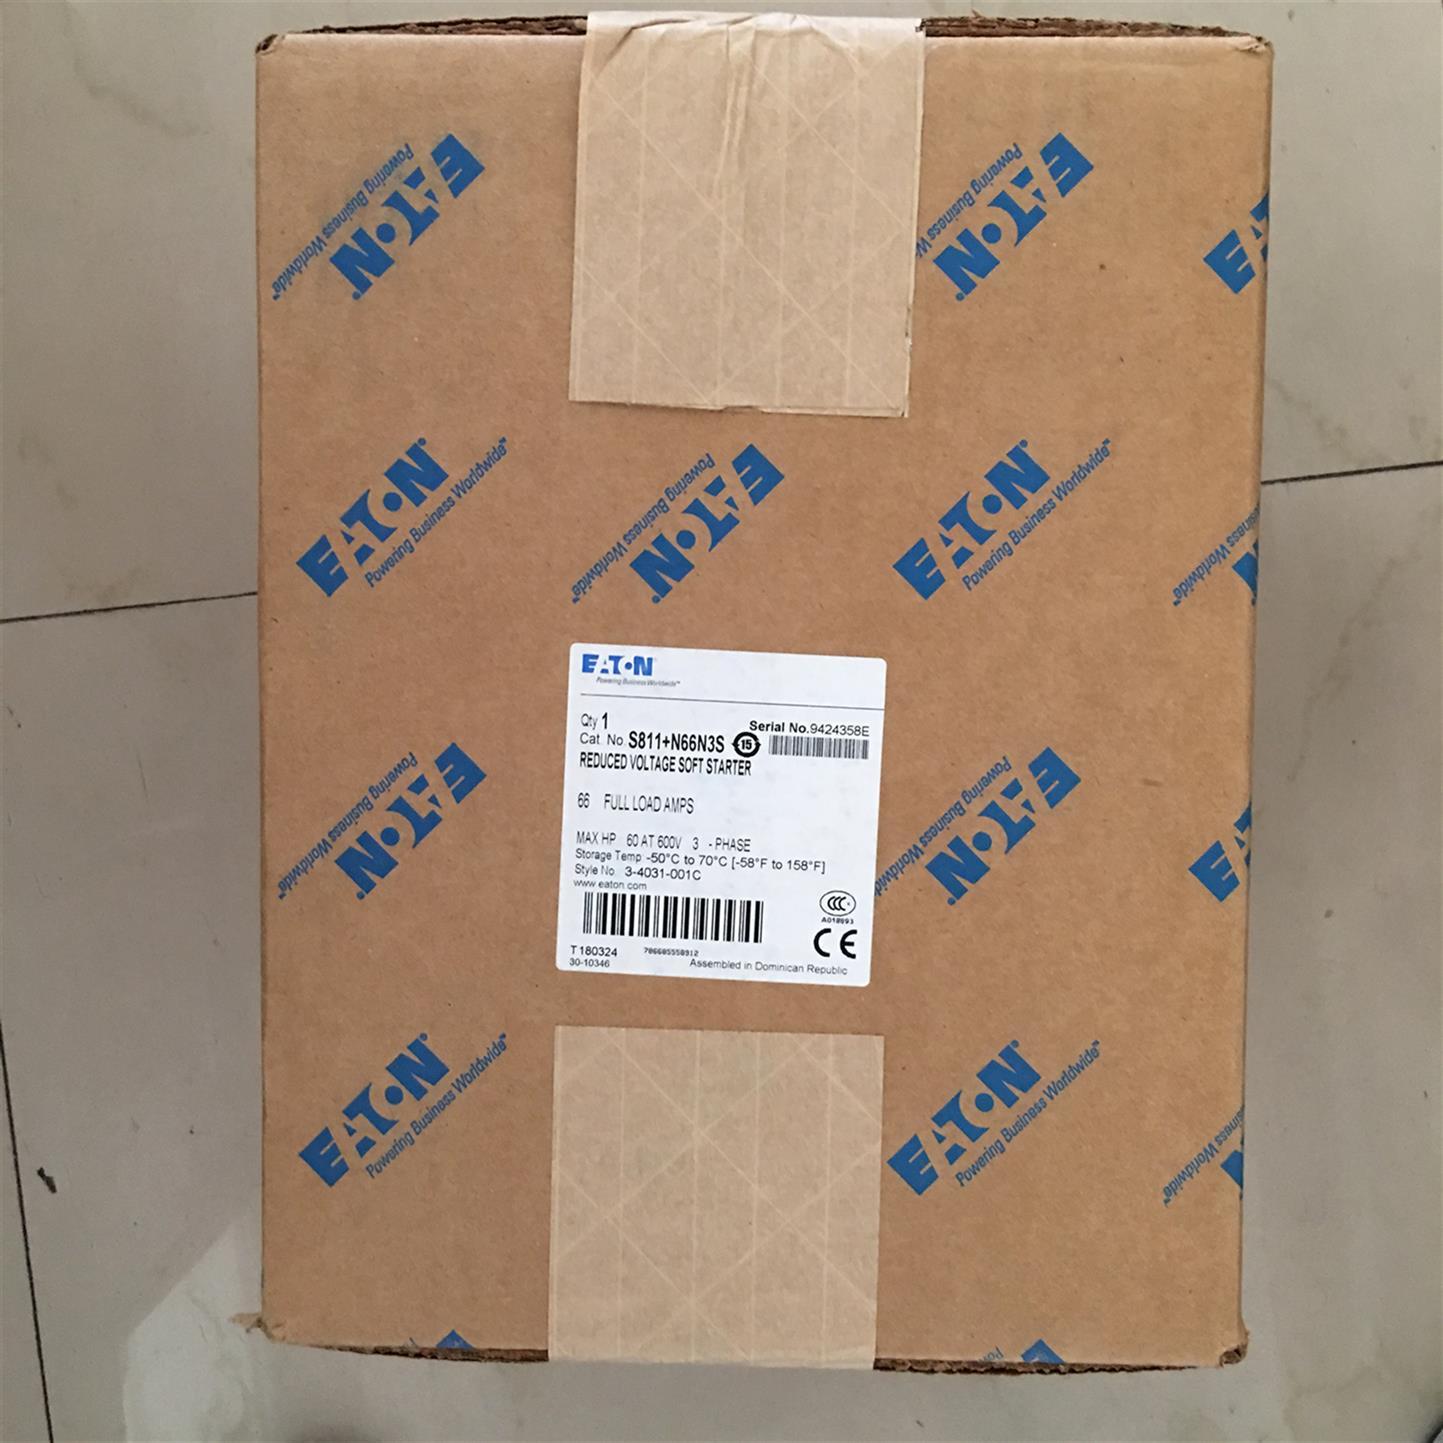 广州EML23EATON伊顿穆勒S801系列软启动器